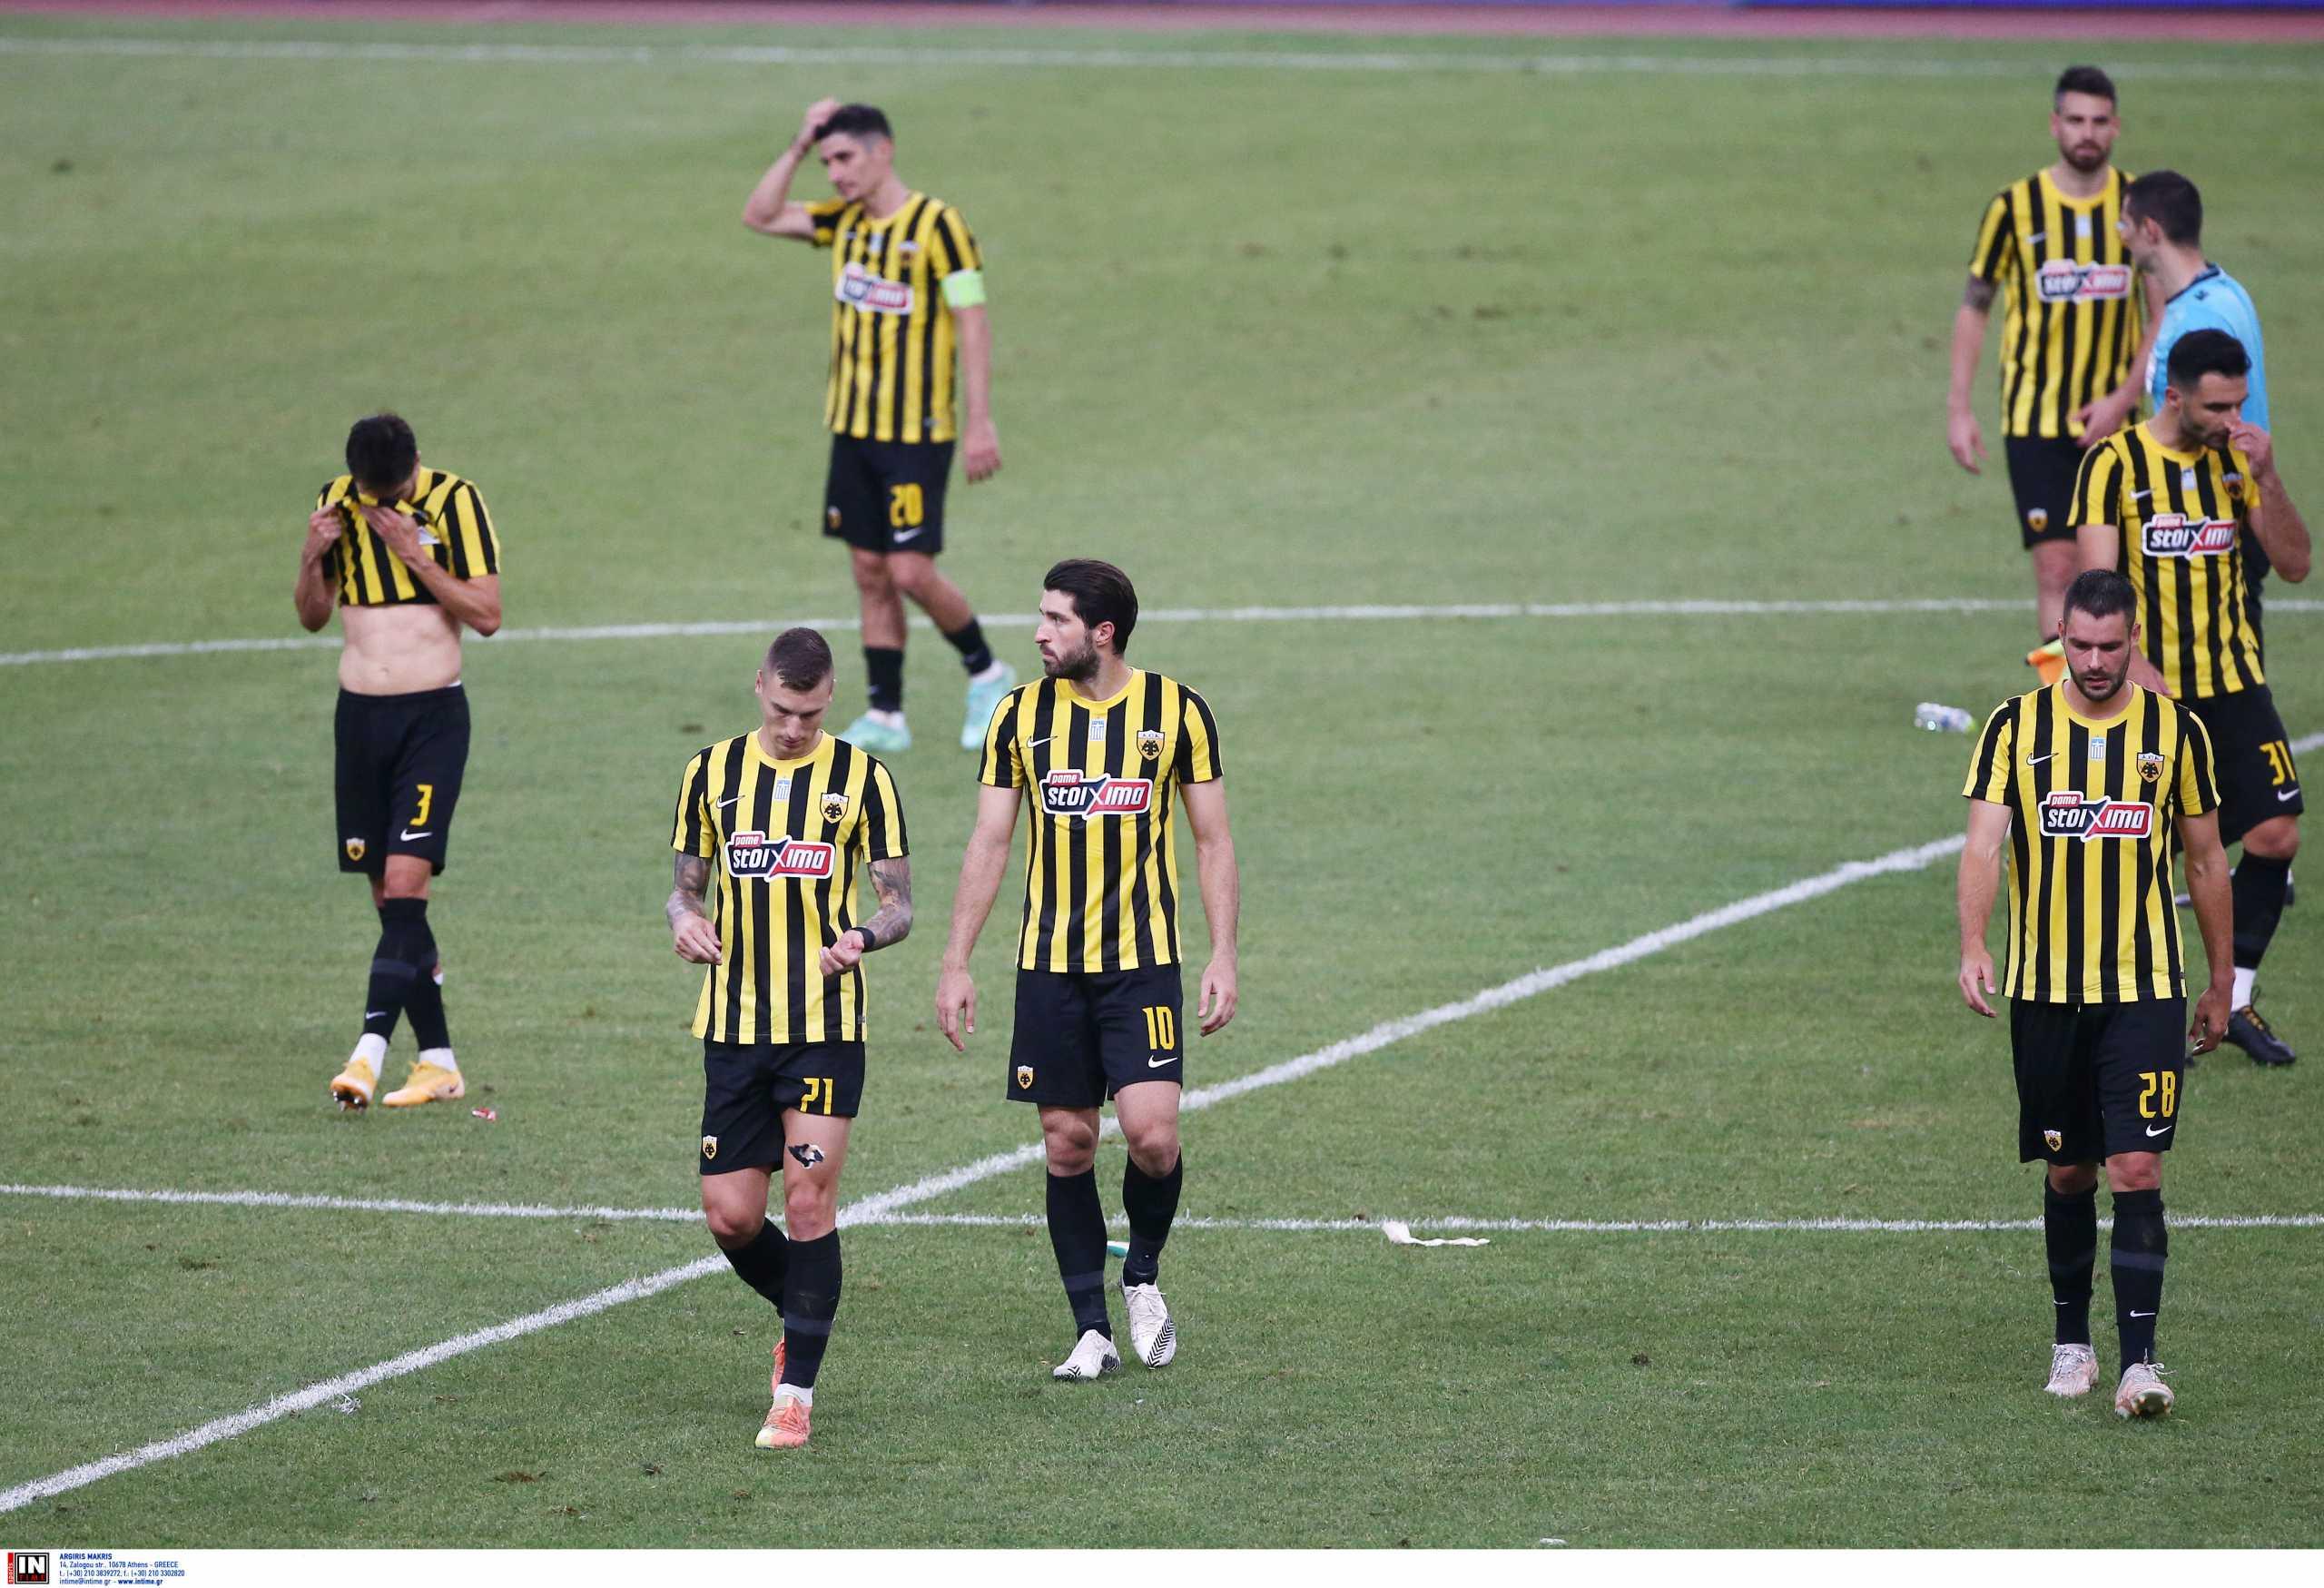 ΑΕΚ – Βελέζ 1-0: Οδυνηρός αποκλεισμός στα πέναλτι (3-2) – Η Ευρώπη χάθηκε από τον Ιούλιο